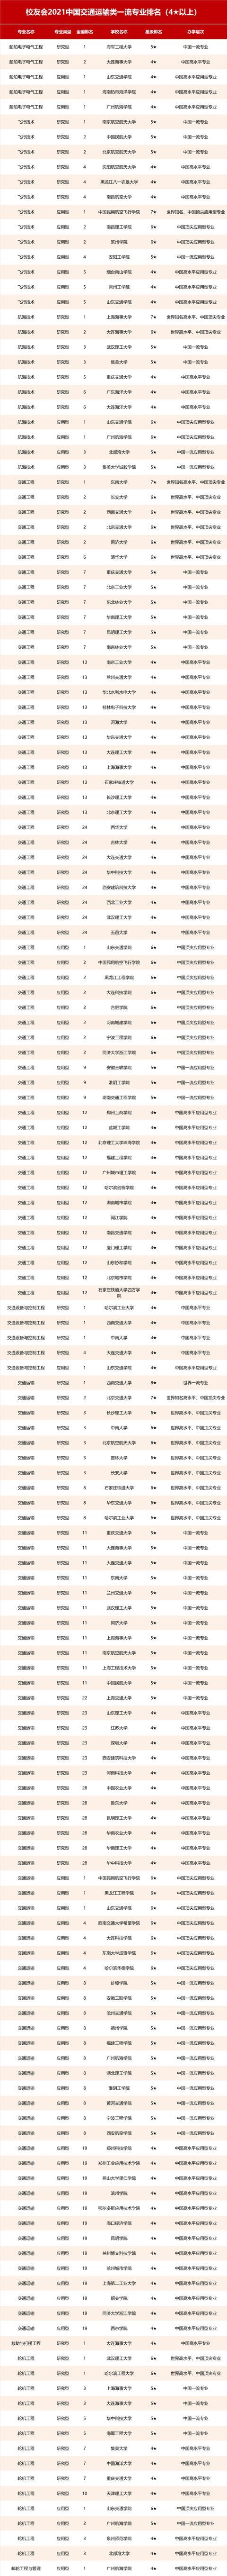 2021校友会中国交通类大学排名及专科排名,北京交通大学第一